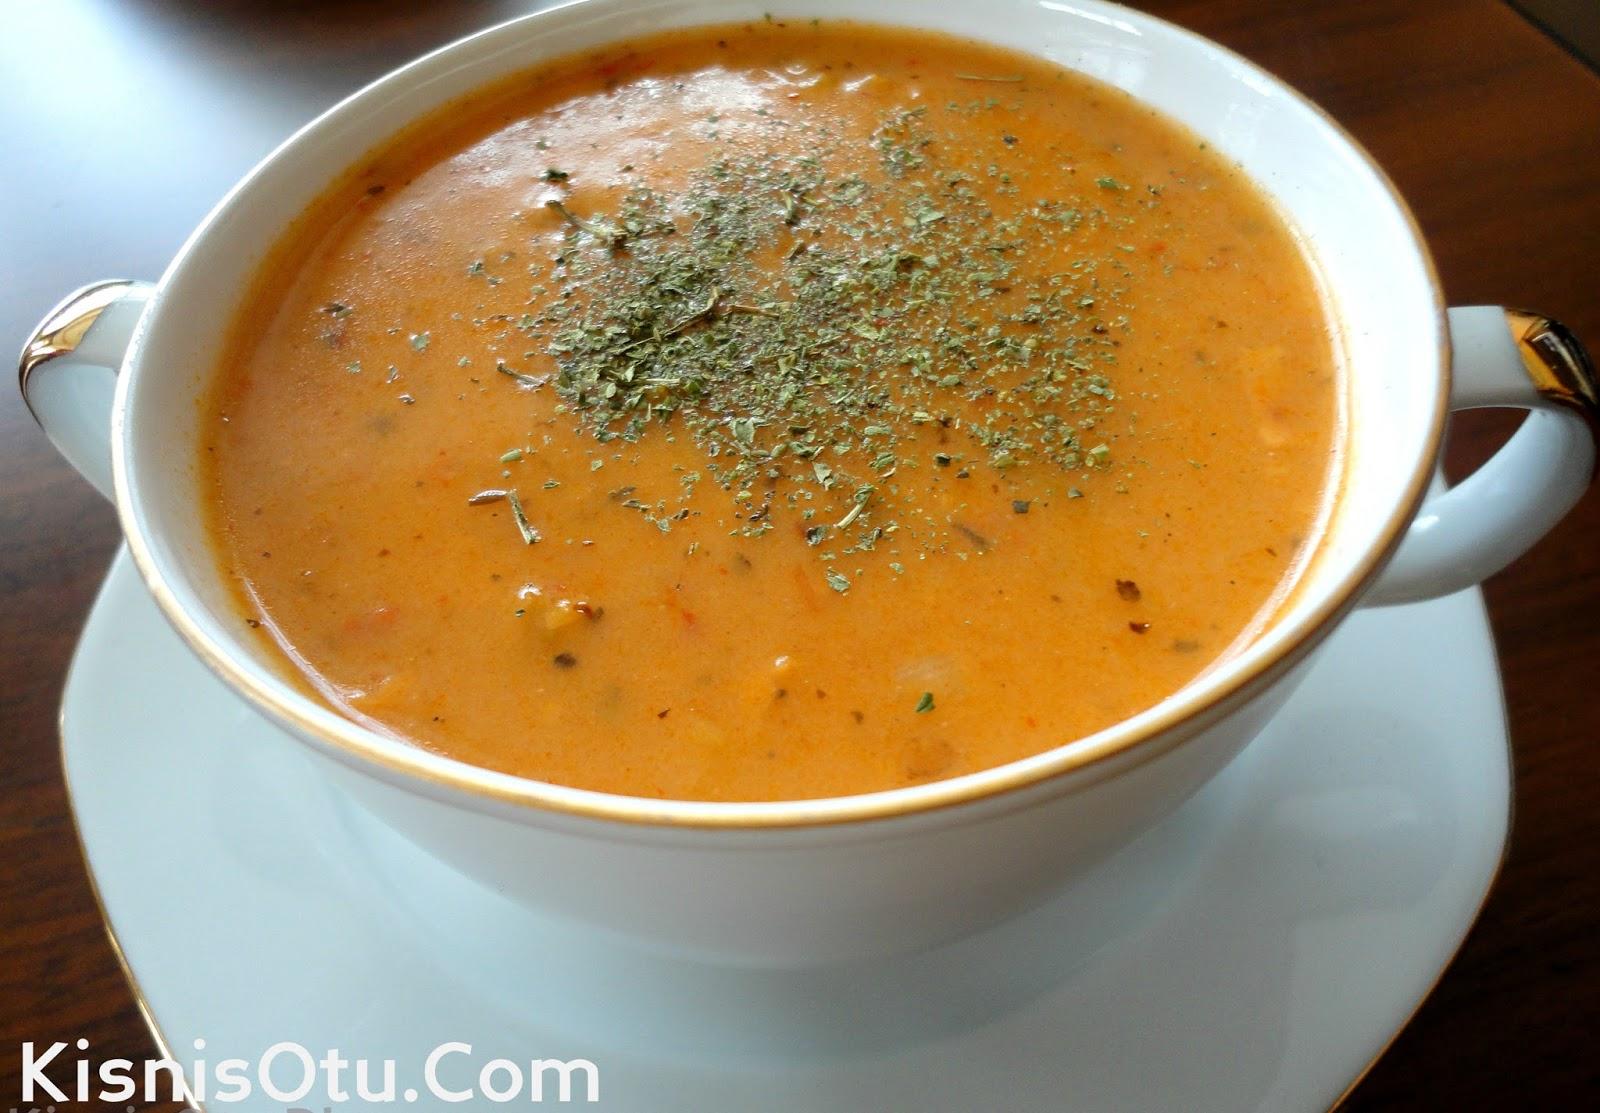 Körili havuç çorbası malzemeleri ile Etiketlenen Konular 39